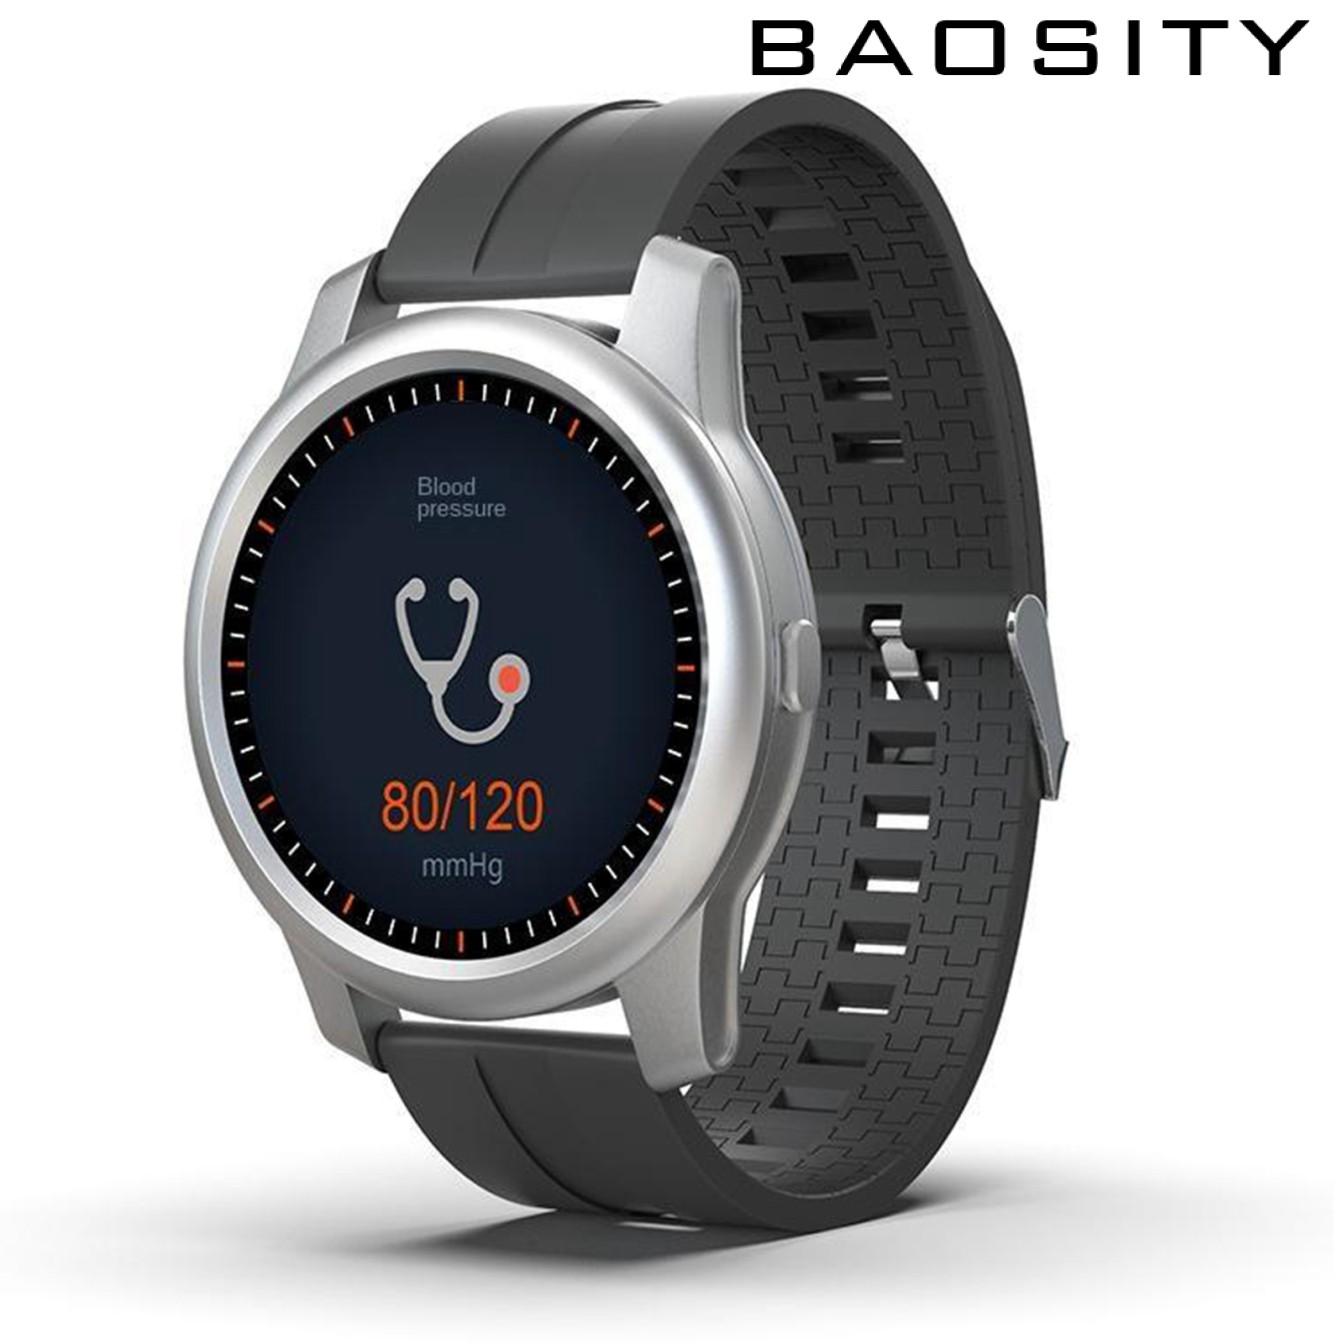 Đồng Hồ Thông Minh 1.28inch F12 Kết Nối Bluetooth 5.0 Hỗ Trợ Theo Dõi Sức Khỏe